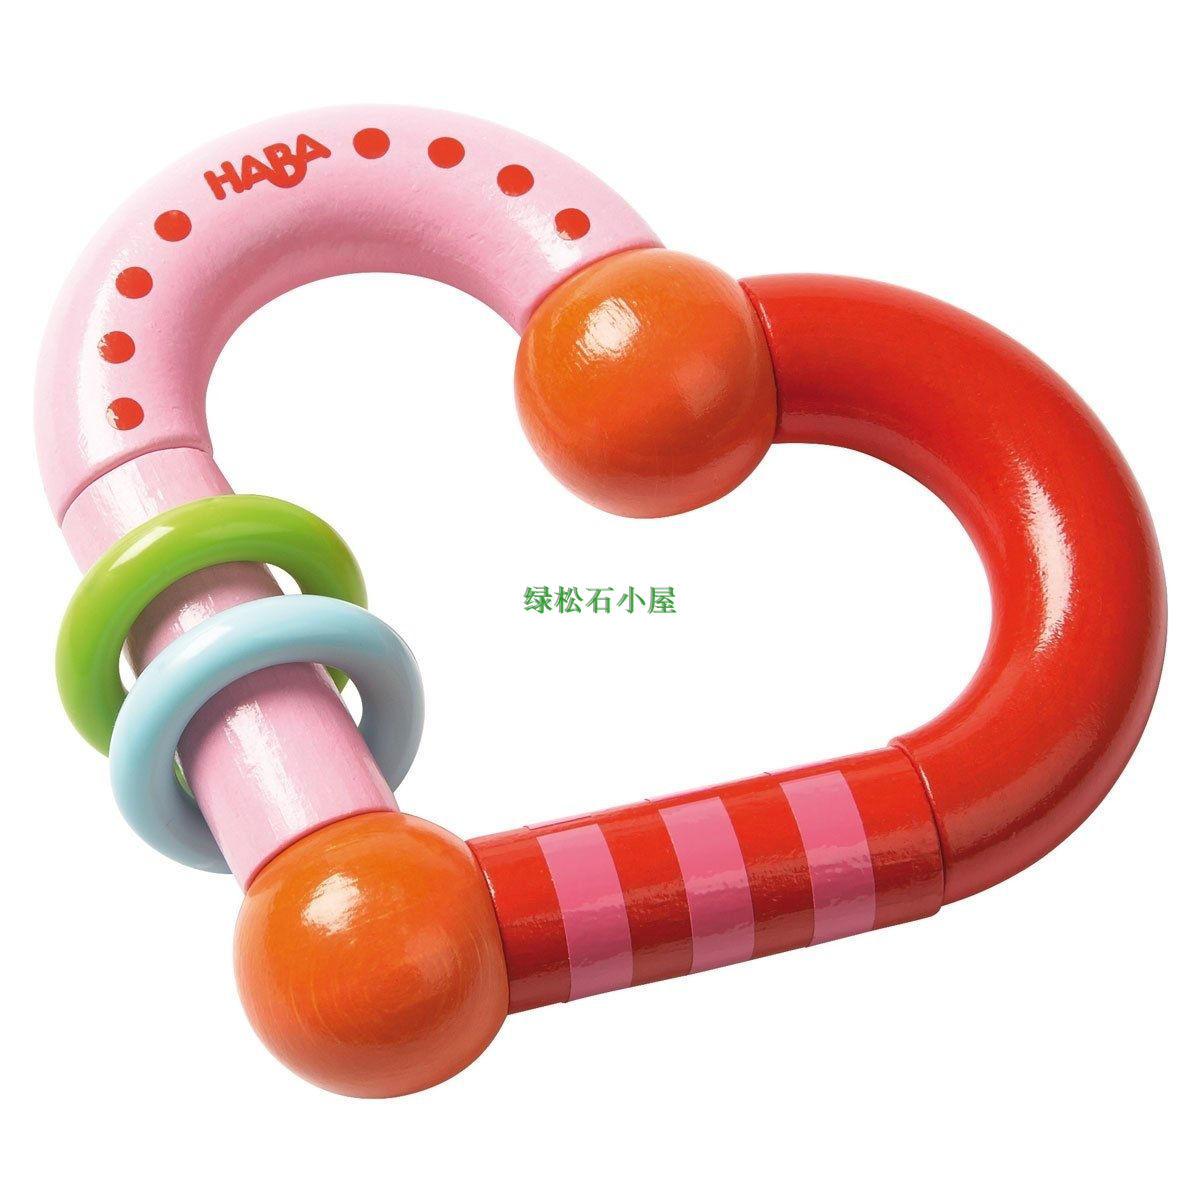 现货德国haba哈巴宝宝抓握摇铃玩具300549漂亮桃心形安全咬具磨牙